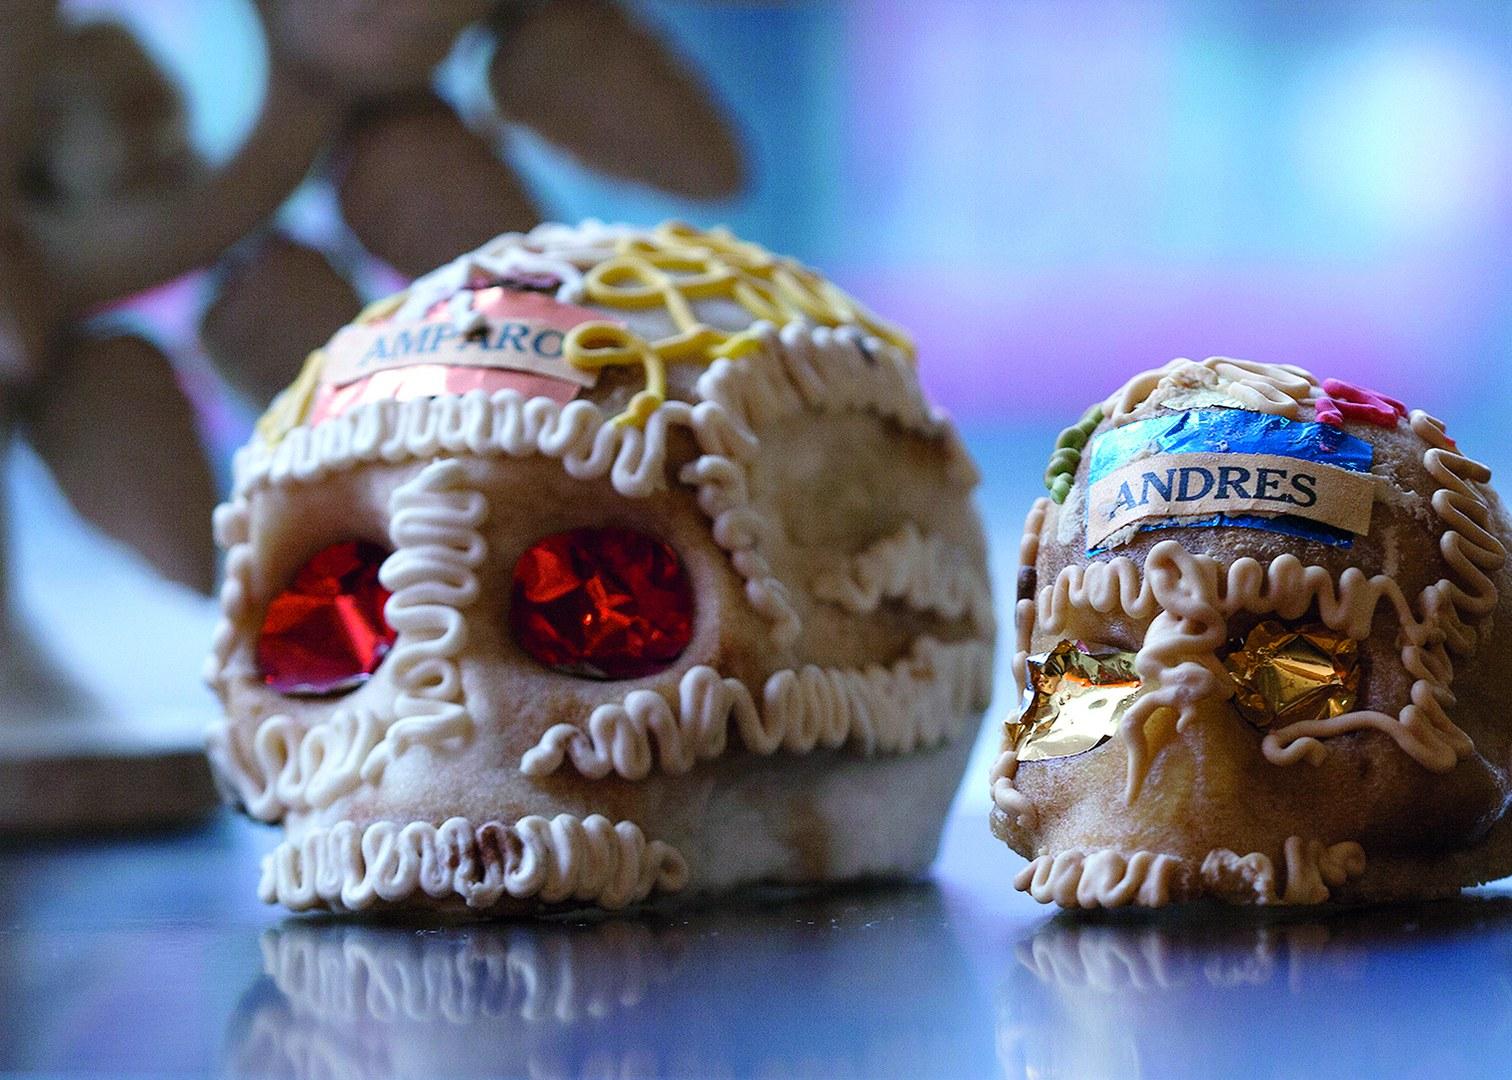 Totenschädel aus Zuckerguss.